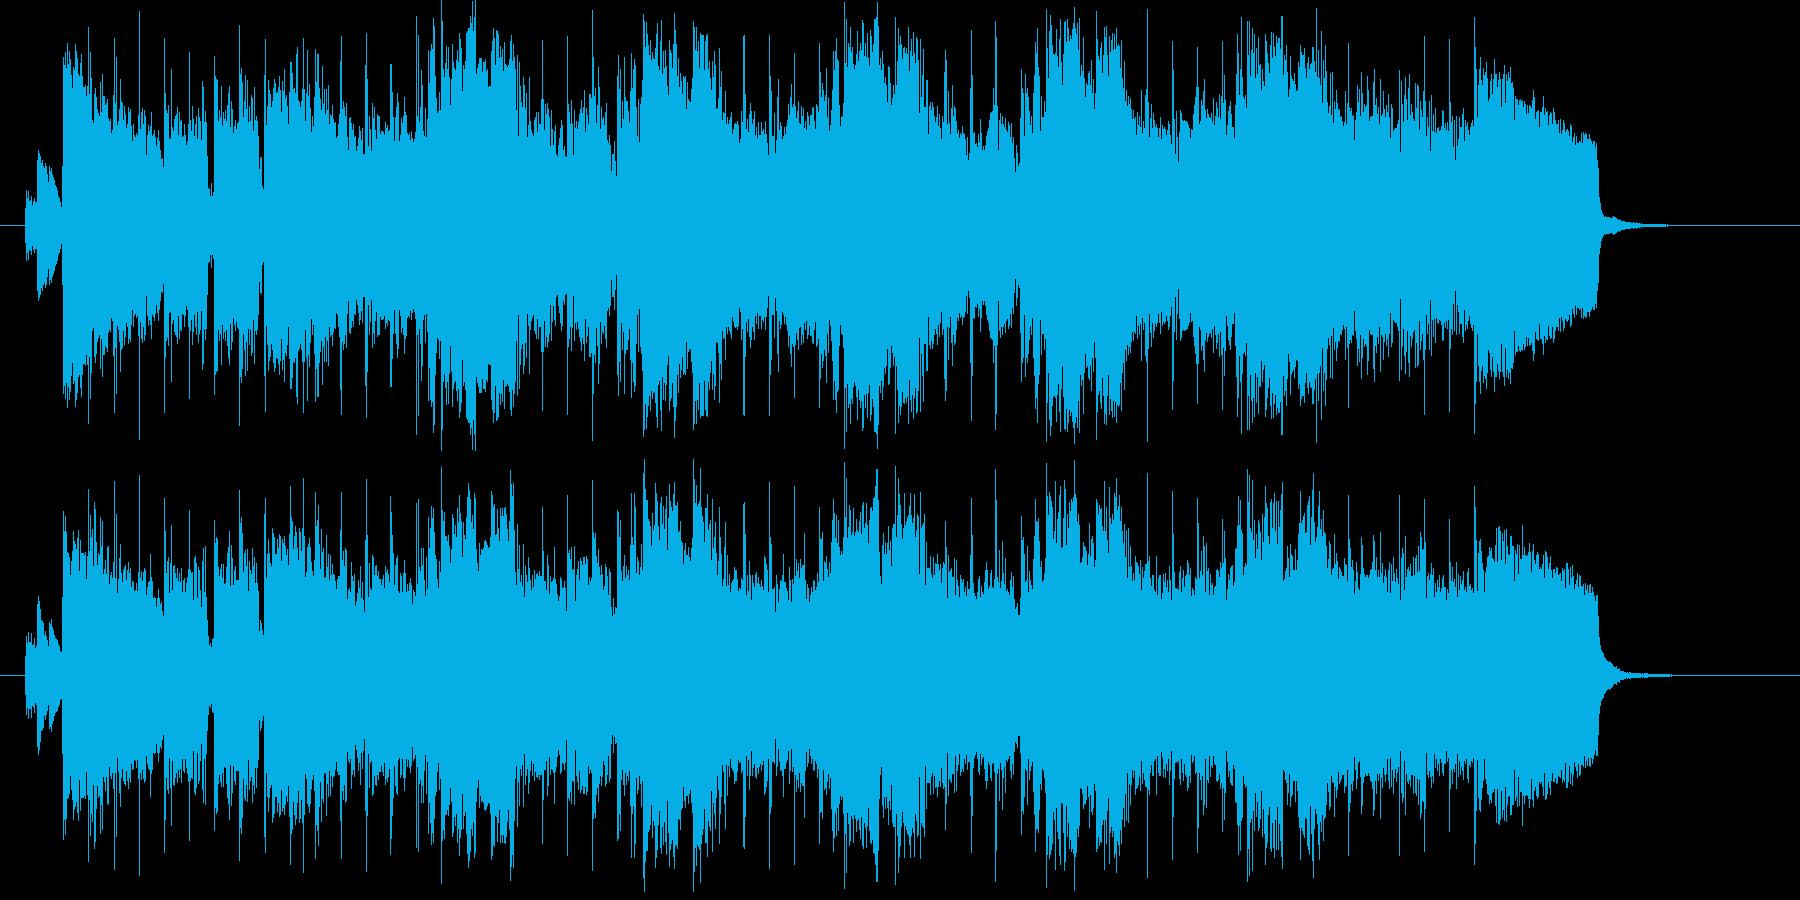 爽やかでポップなロックバンドのジングルの再生済みの波形